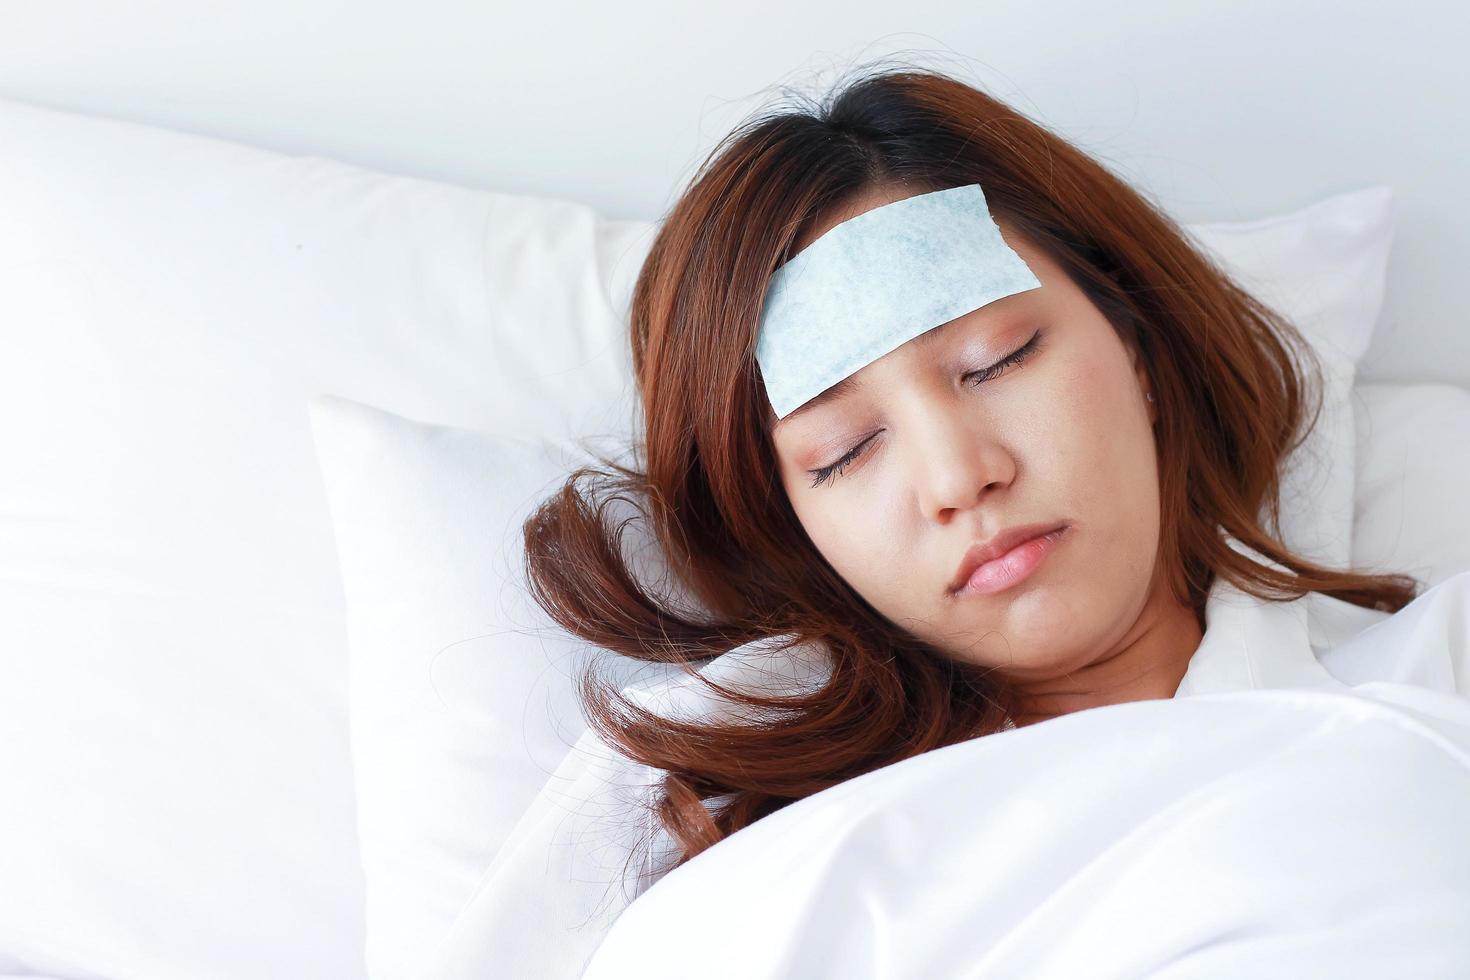 ung asiatisk kvinna är sjuk och sover i sängen. foto